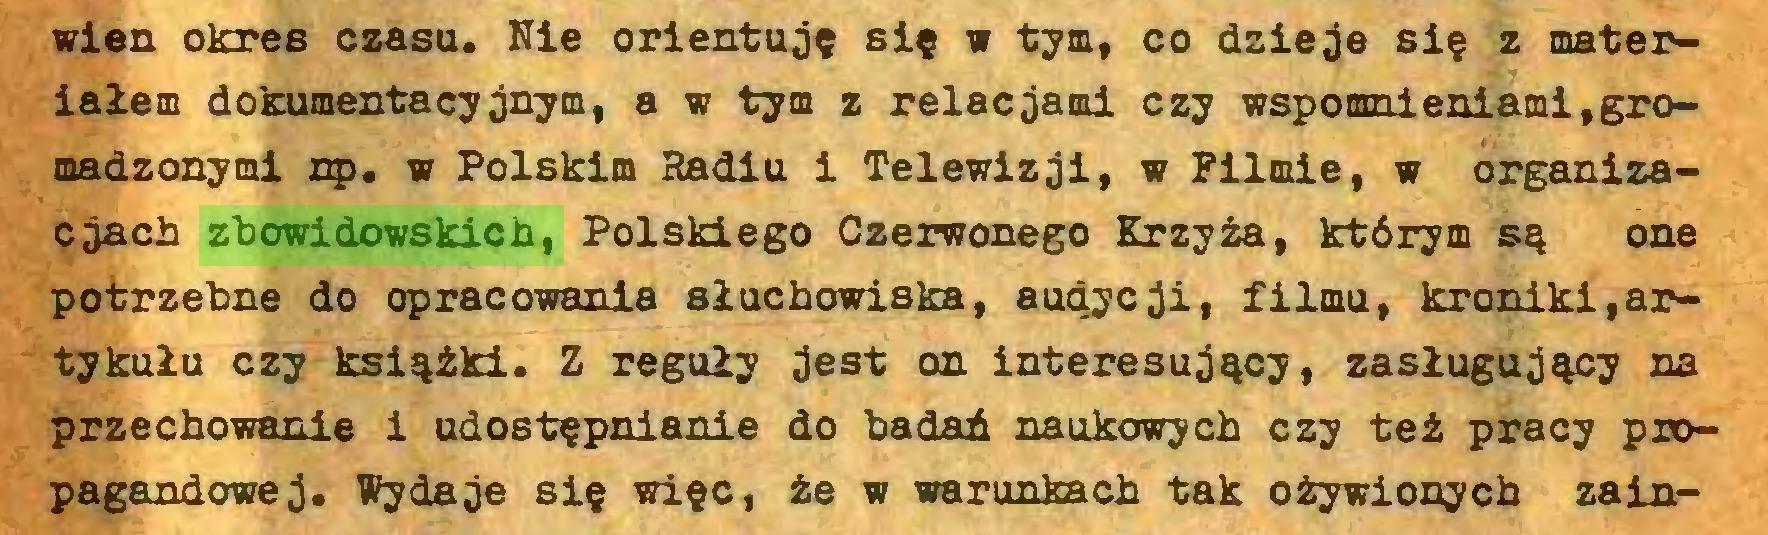 (...) wien okres czasu. Nie orientuję się w tym, co dzieje się z materiałem dokumentacyjnym, a w tym z relacjami czy wspomnieniami,gromadzonymi np. w Polskim Hadiu i Telewizji, w Filmie, w organizacjach zbowidowskich, Polskiego Czerwonego Krzyża, którym są one potrzebne do opracowania słuchowiska, atuiycji, filmu, kroniki,artykułu czy książki. Z reguły jest on interesujący, zasługujący na przechowanie i udostępnianie do badań naukowych czy też pracy propagandowej. Wydaje się więc, że w warunkach tak ożywionych zain...